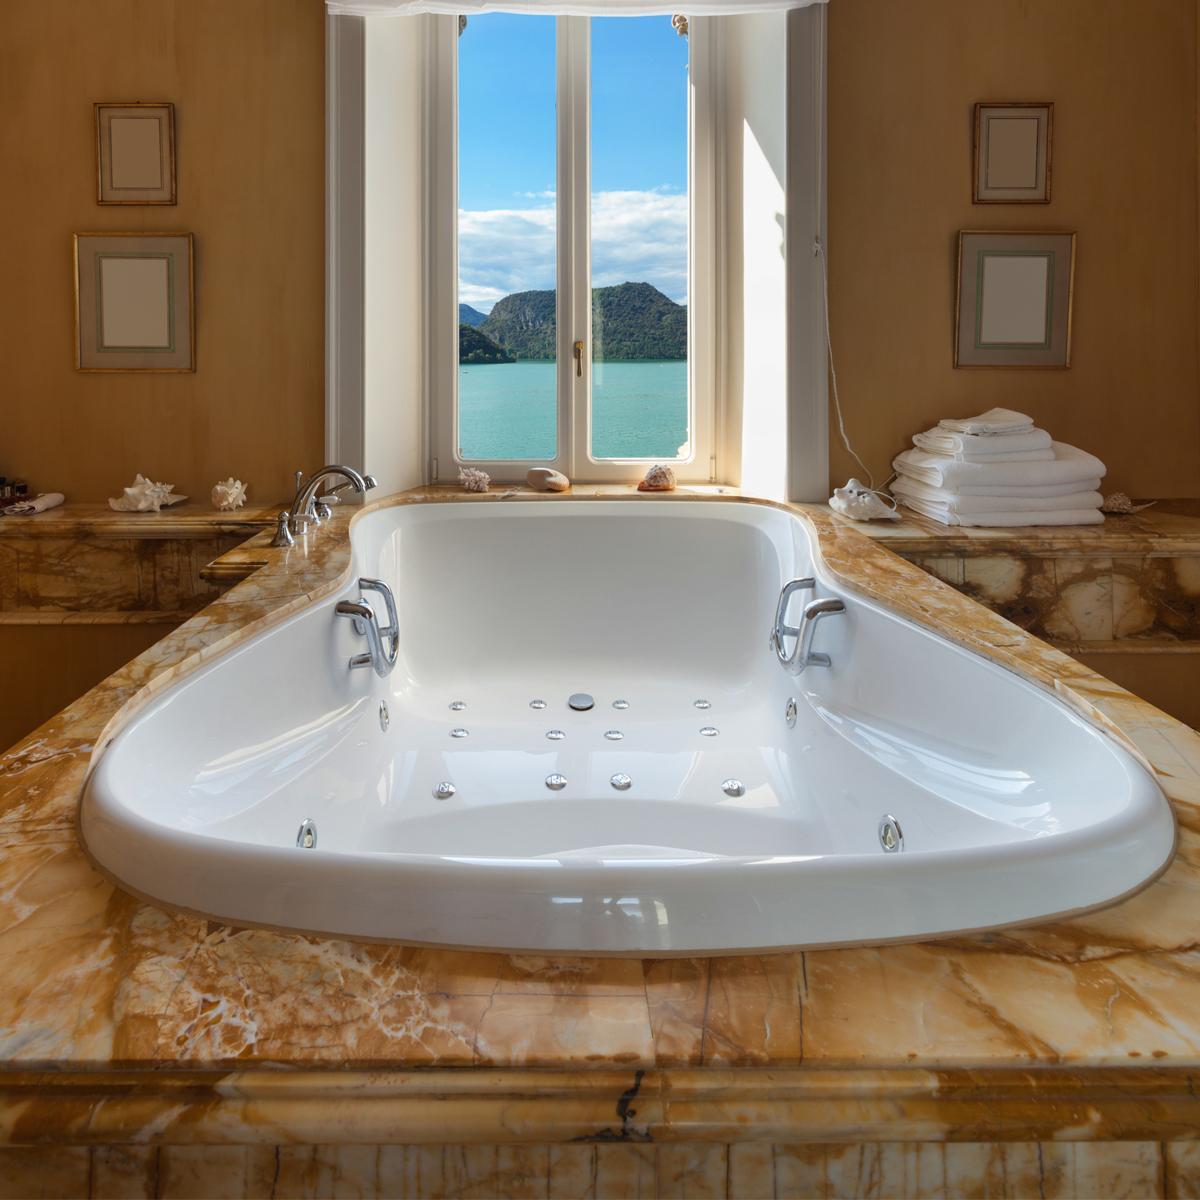 Great Whirlpool Baths Problems Photos - The Best Bathroom Ideas ...